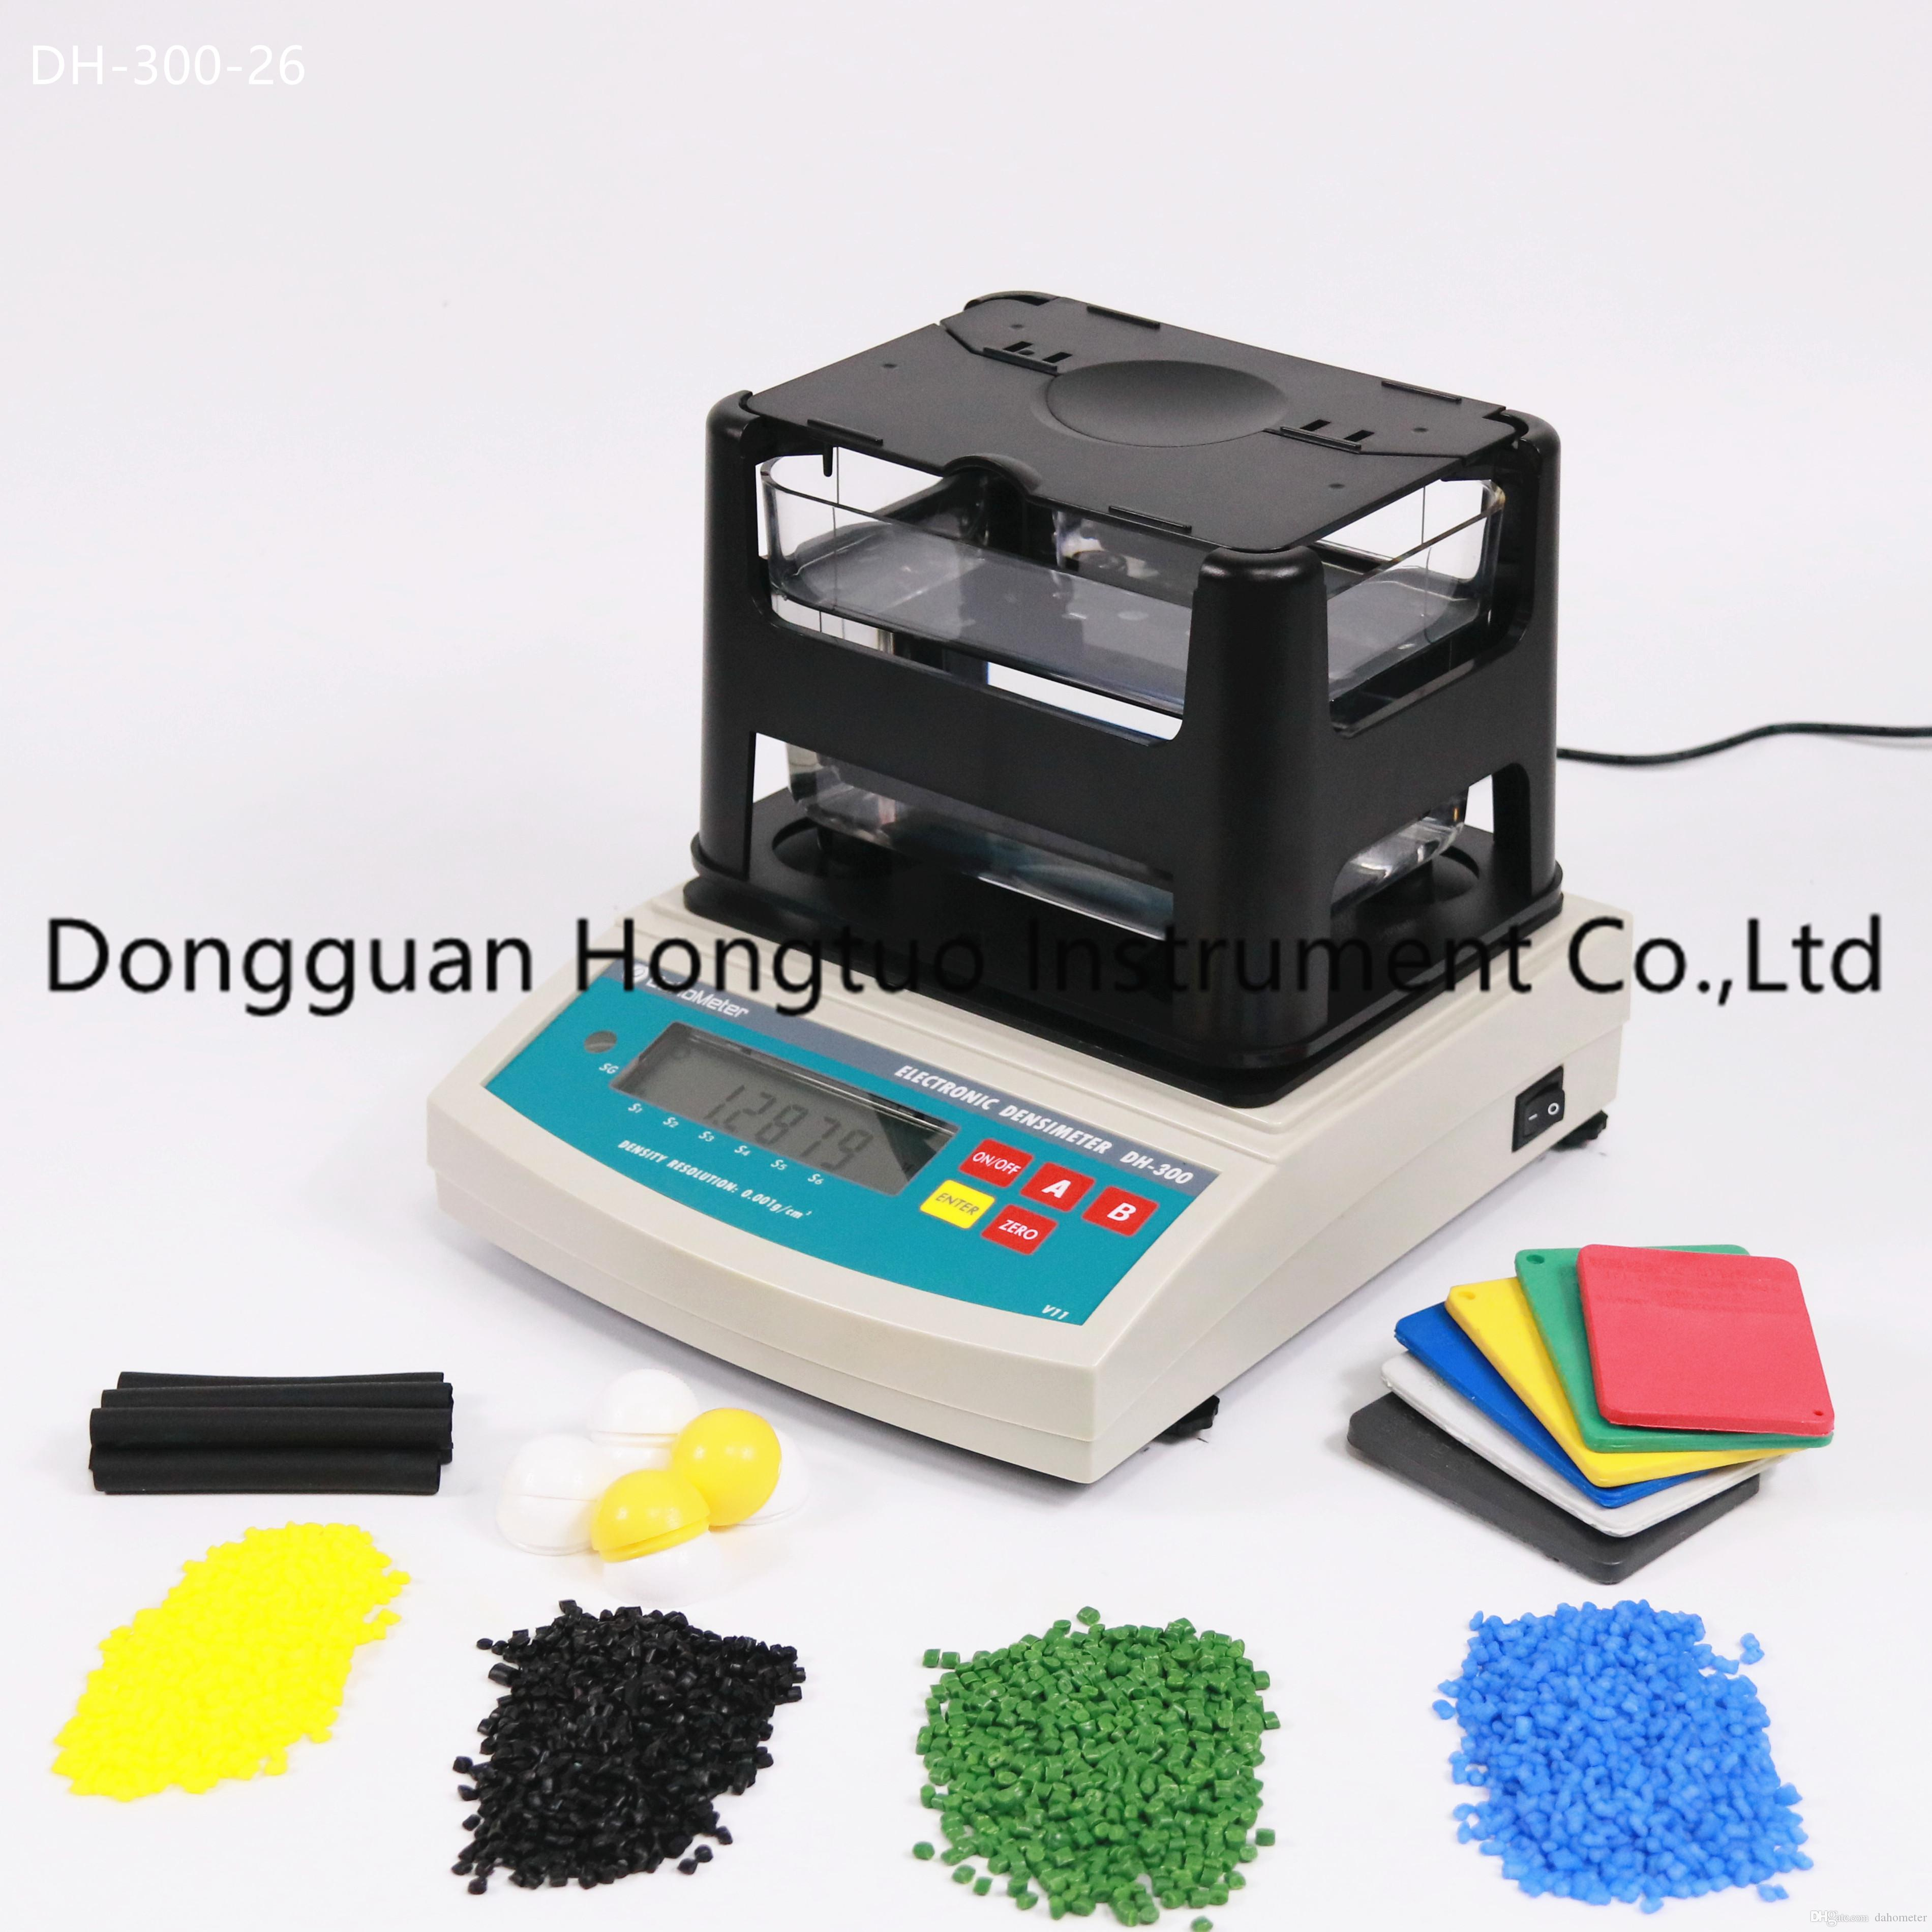 DH-300 Popüler Tedarikçisi Kauçuk Elektronik Densimetre, Ham Plastik Yoğunluk Ölçer, En Kaliteli Plastik Yoğunluk Test Cihazı